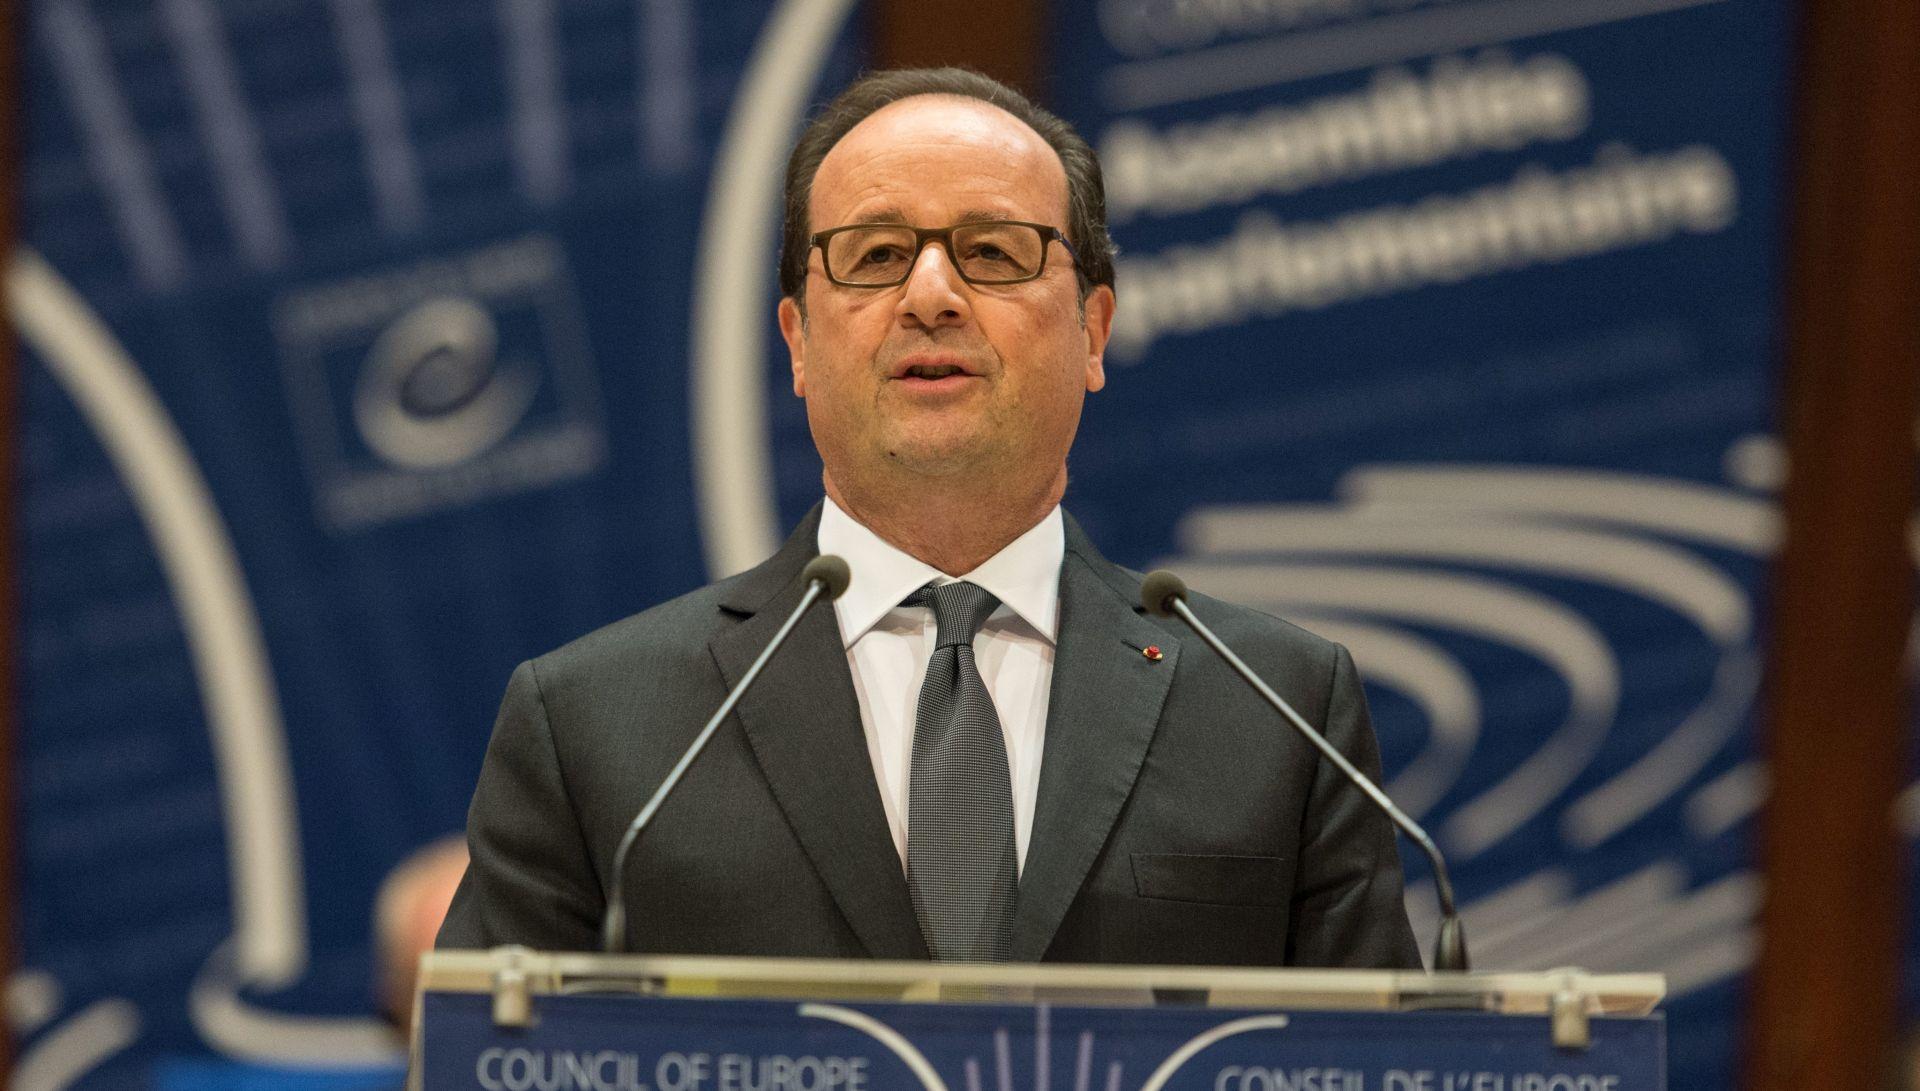 Hollande priznao da postoji problem s islamom